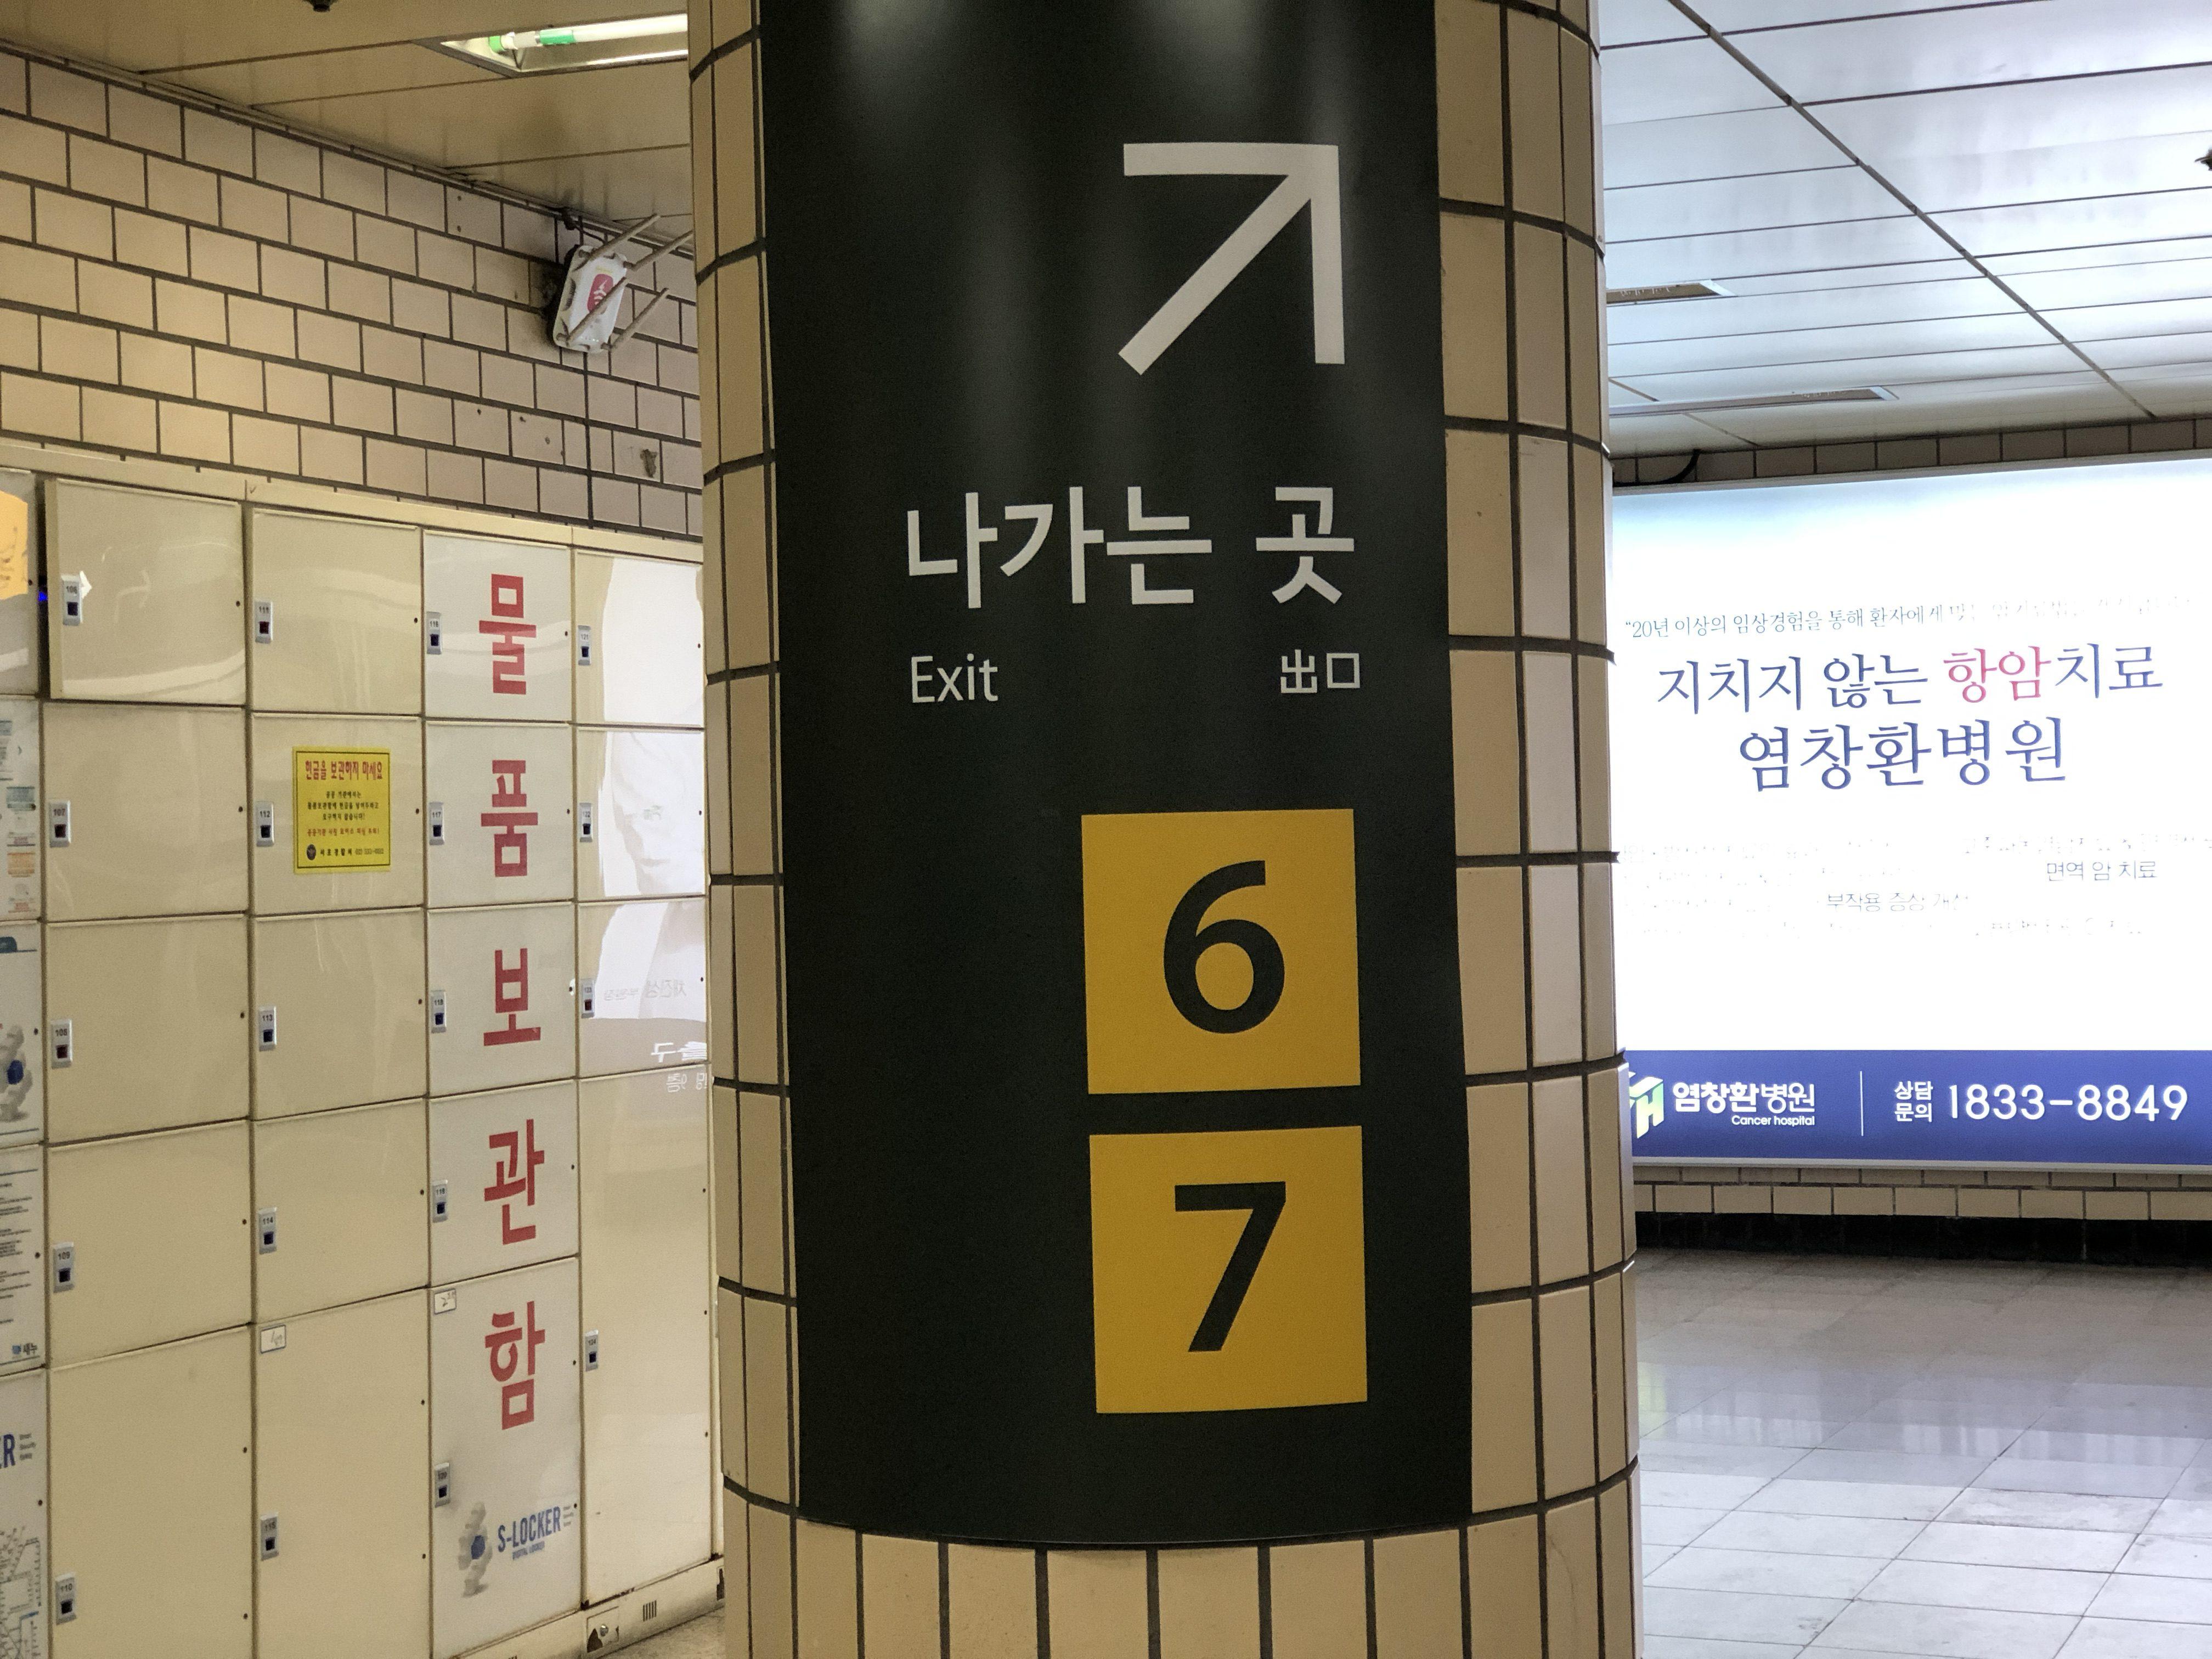 改札を出て6番出口を目指して行きます。